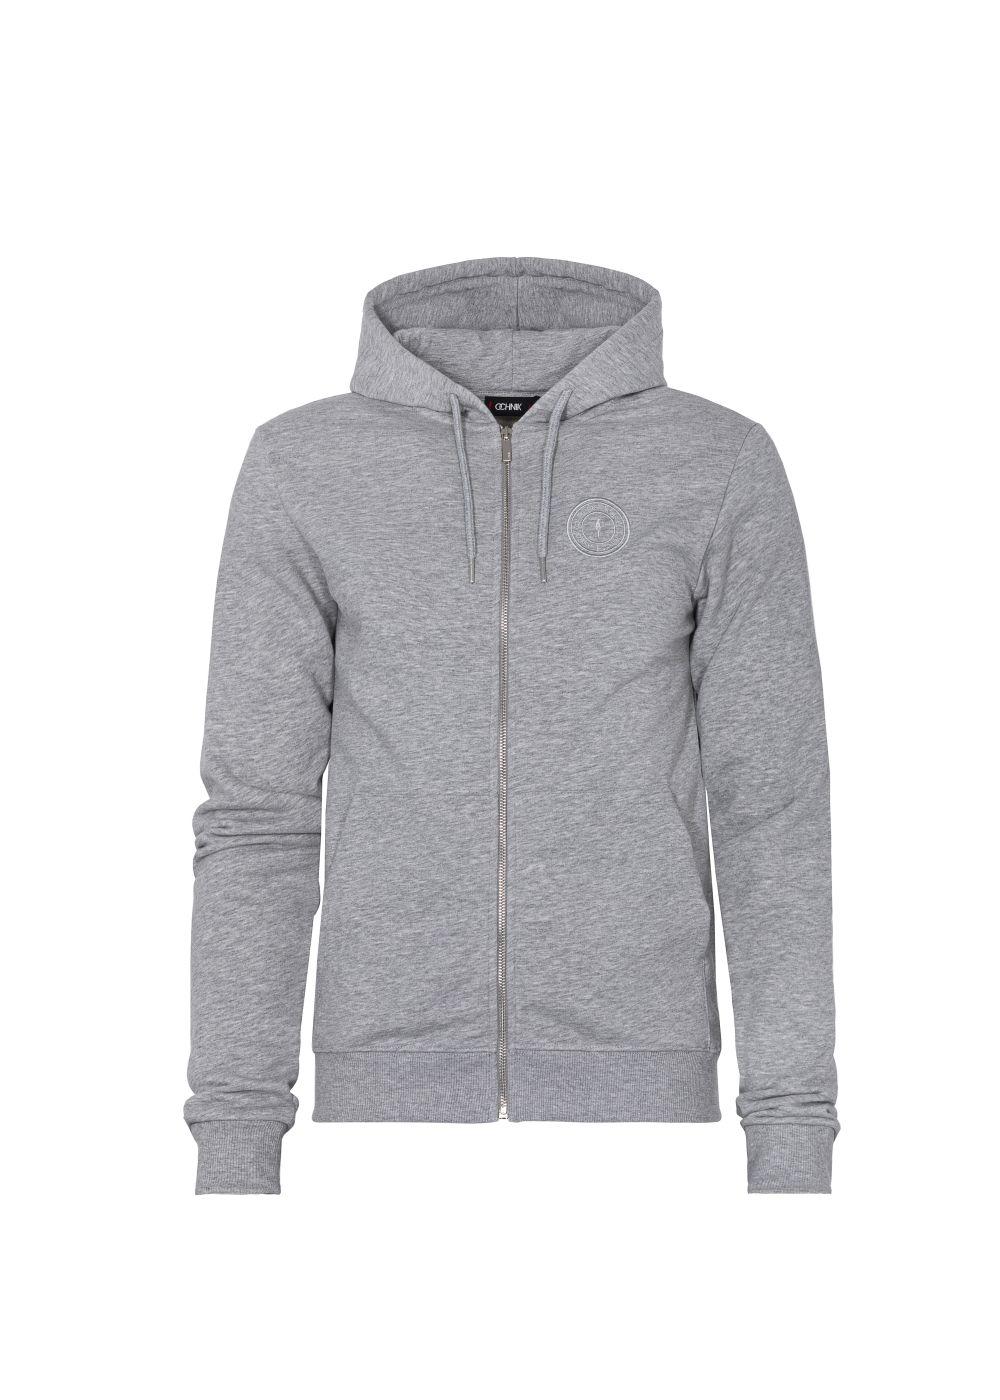 Bluza męska BLZMT-0021-91(W21)